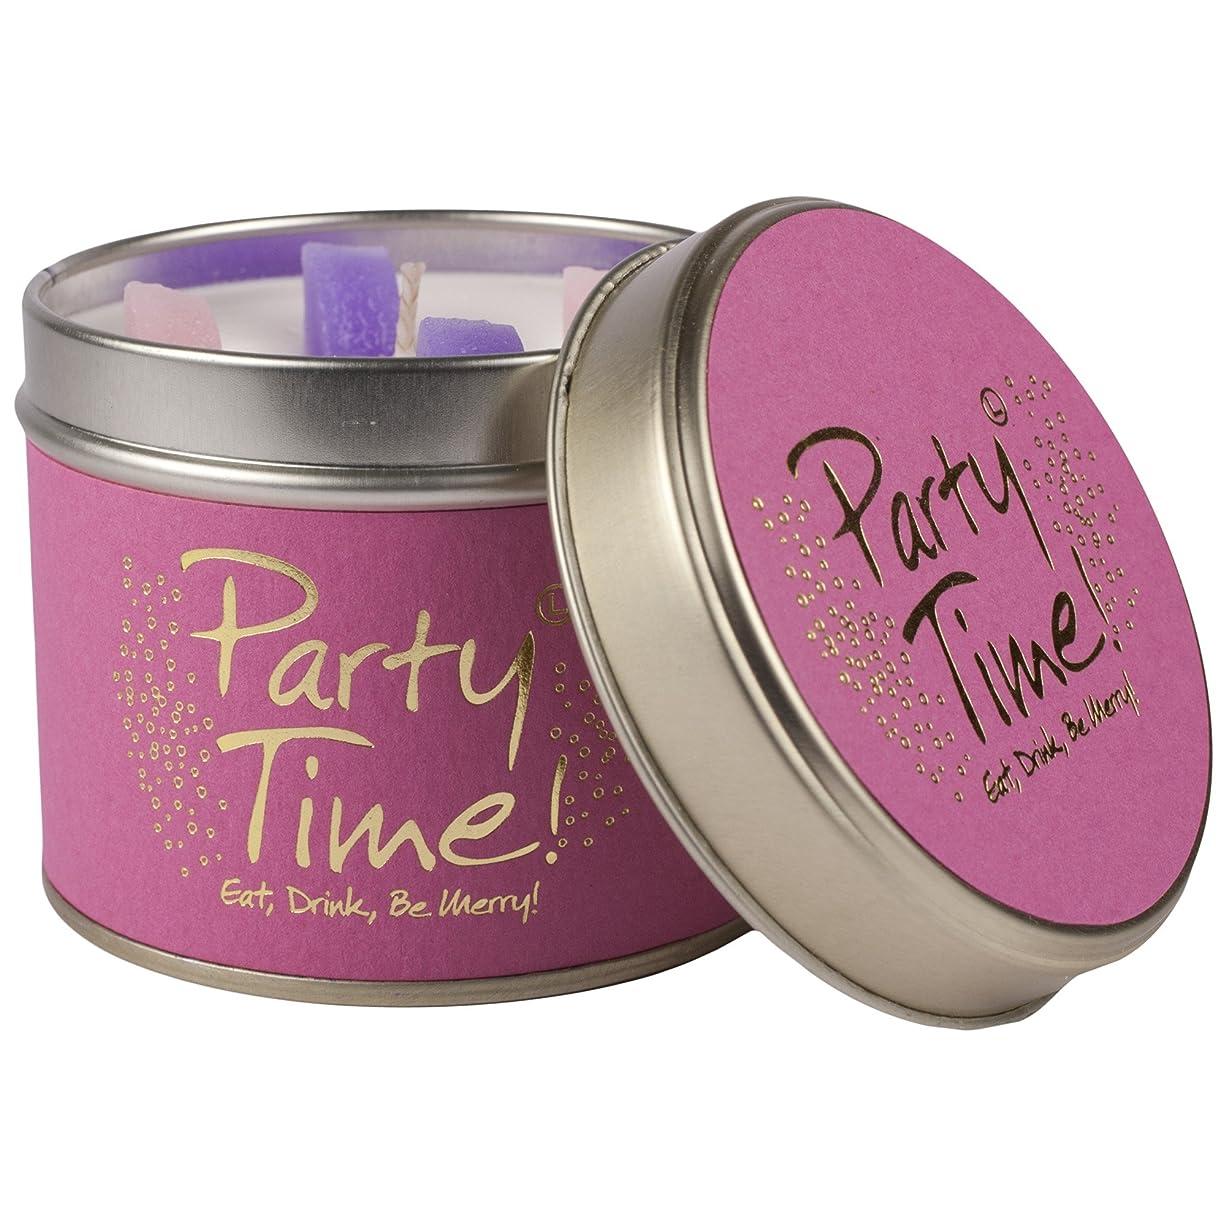 農学評議会一瞬Lily-Flame Party Time Scented Candle Tin (Pack of 2) - ユリ炎パーティーの時間香りのキャンドルスズ (Lily-Flame) (x2) [並行輸入品]